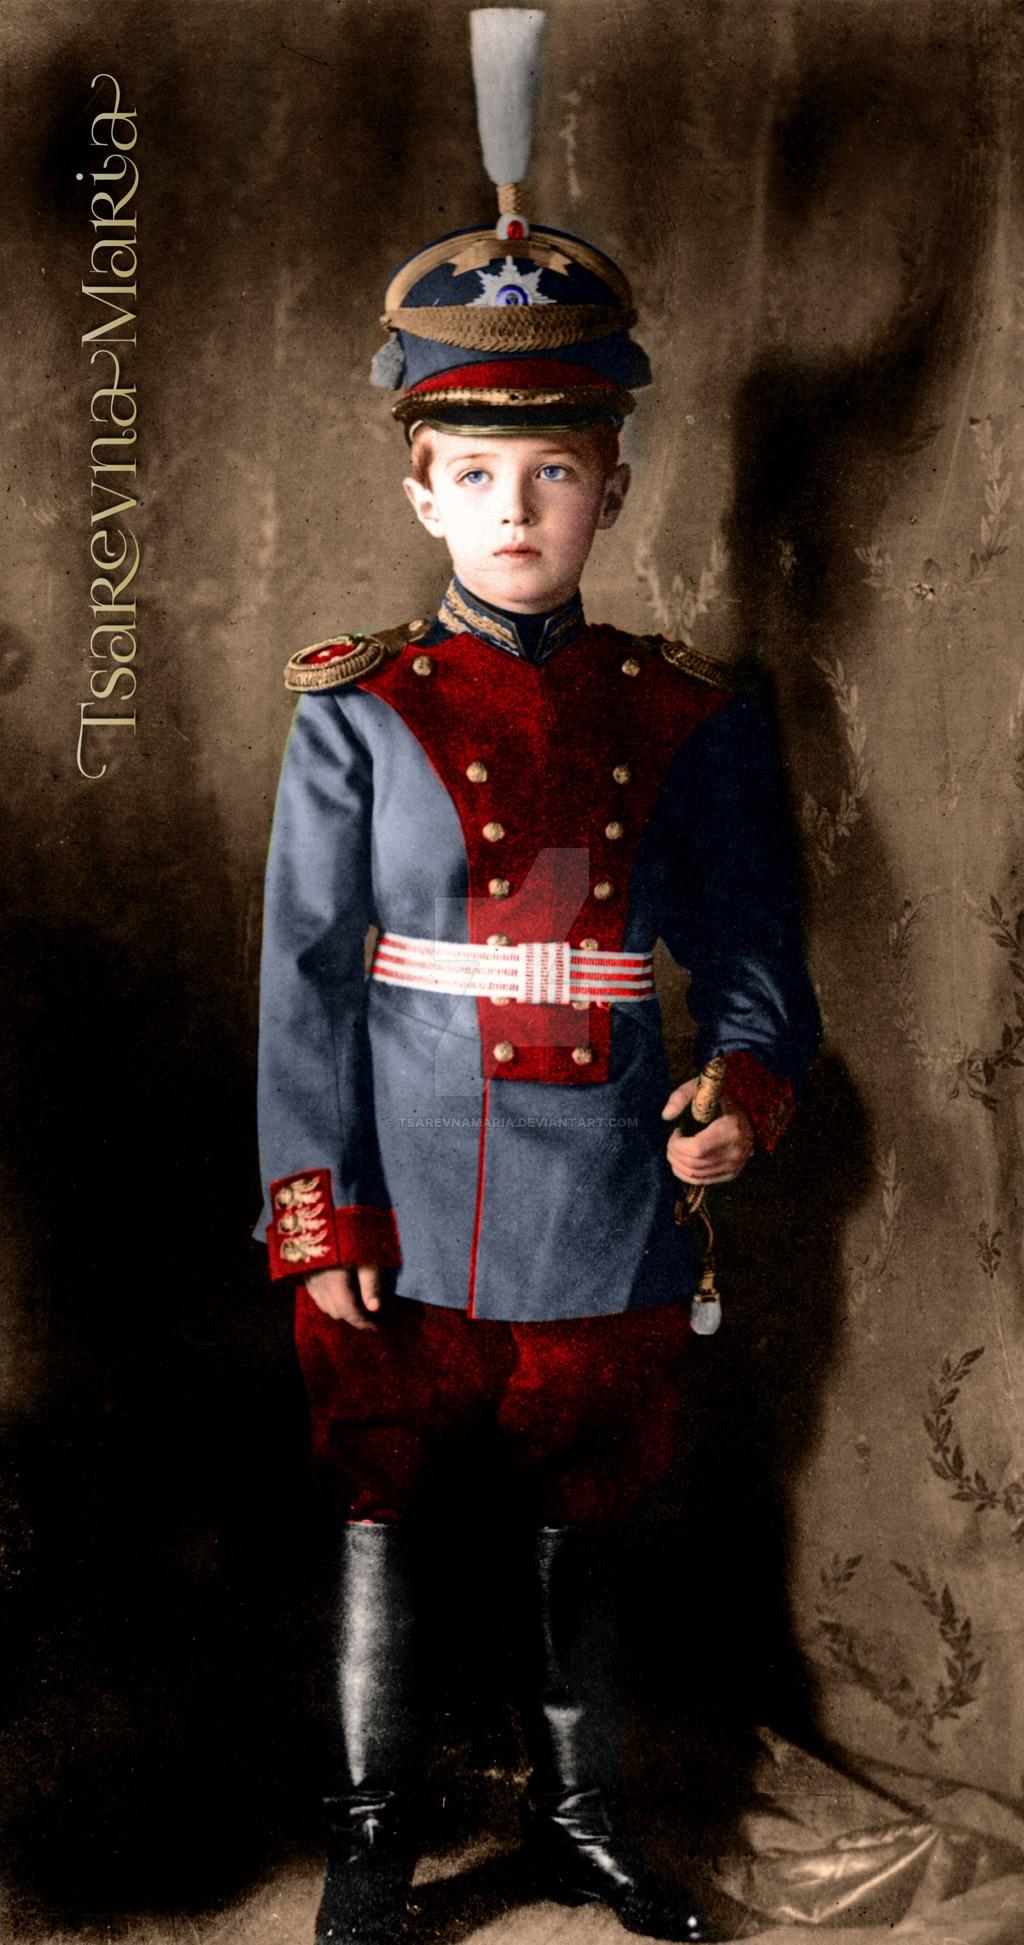 little_soldier_boy_by_tsarevnamaria-d8cqiei.jpg